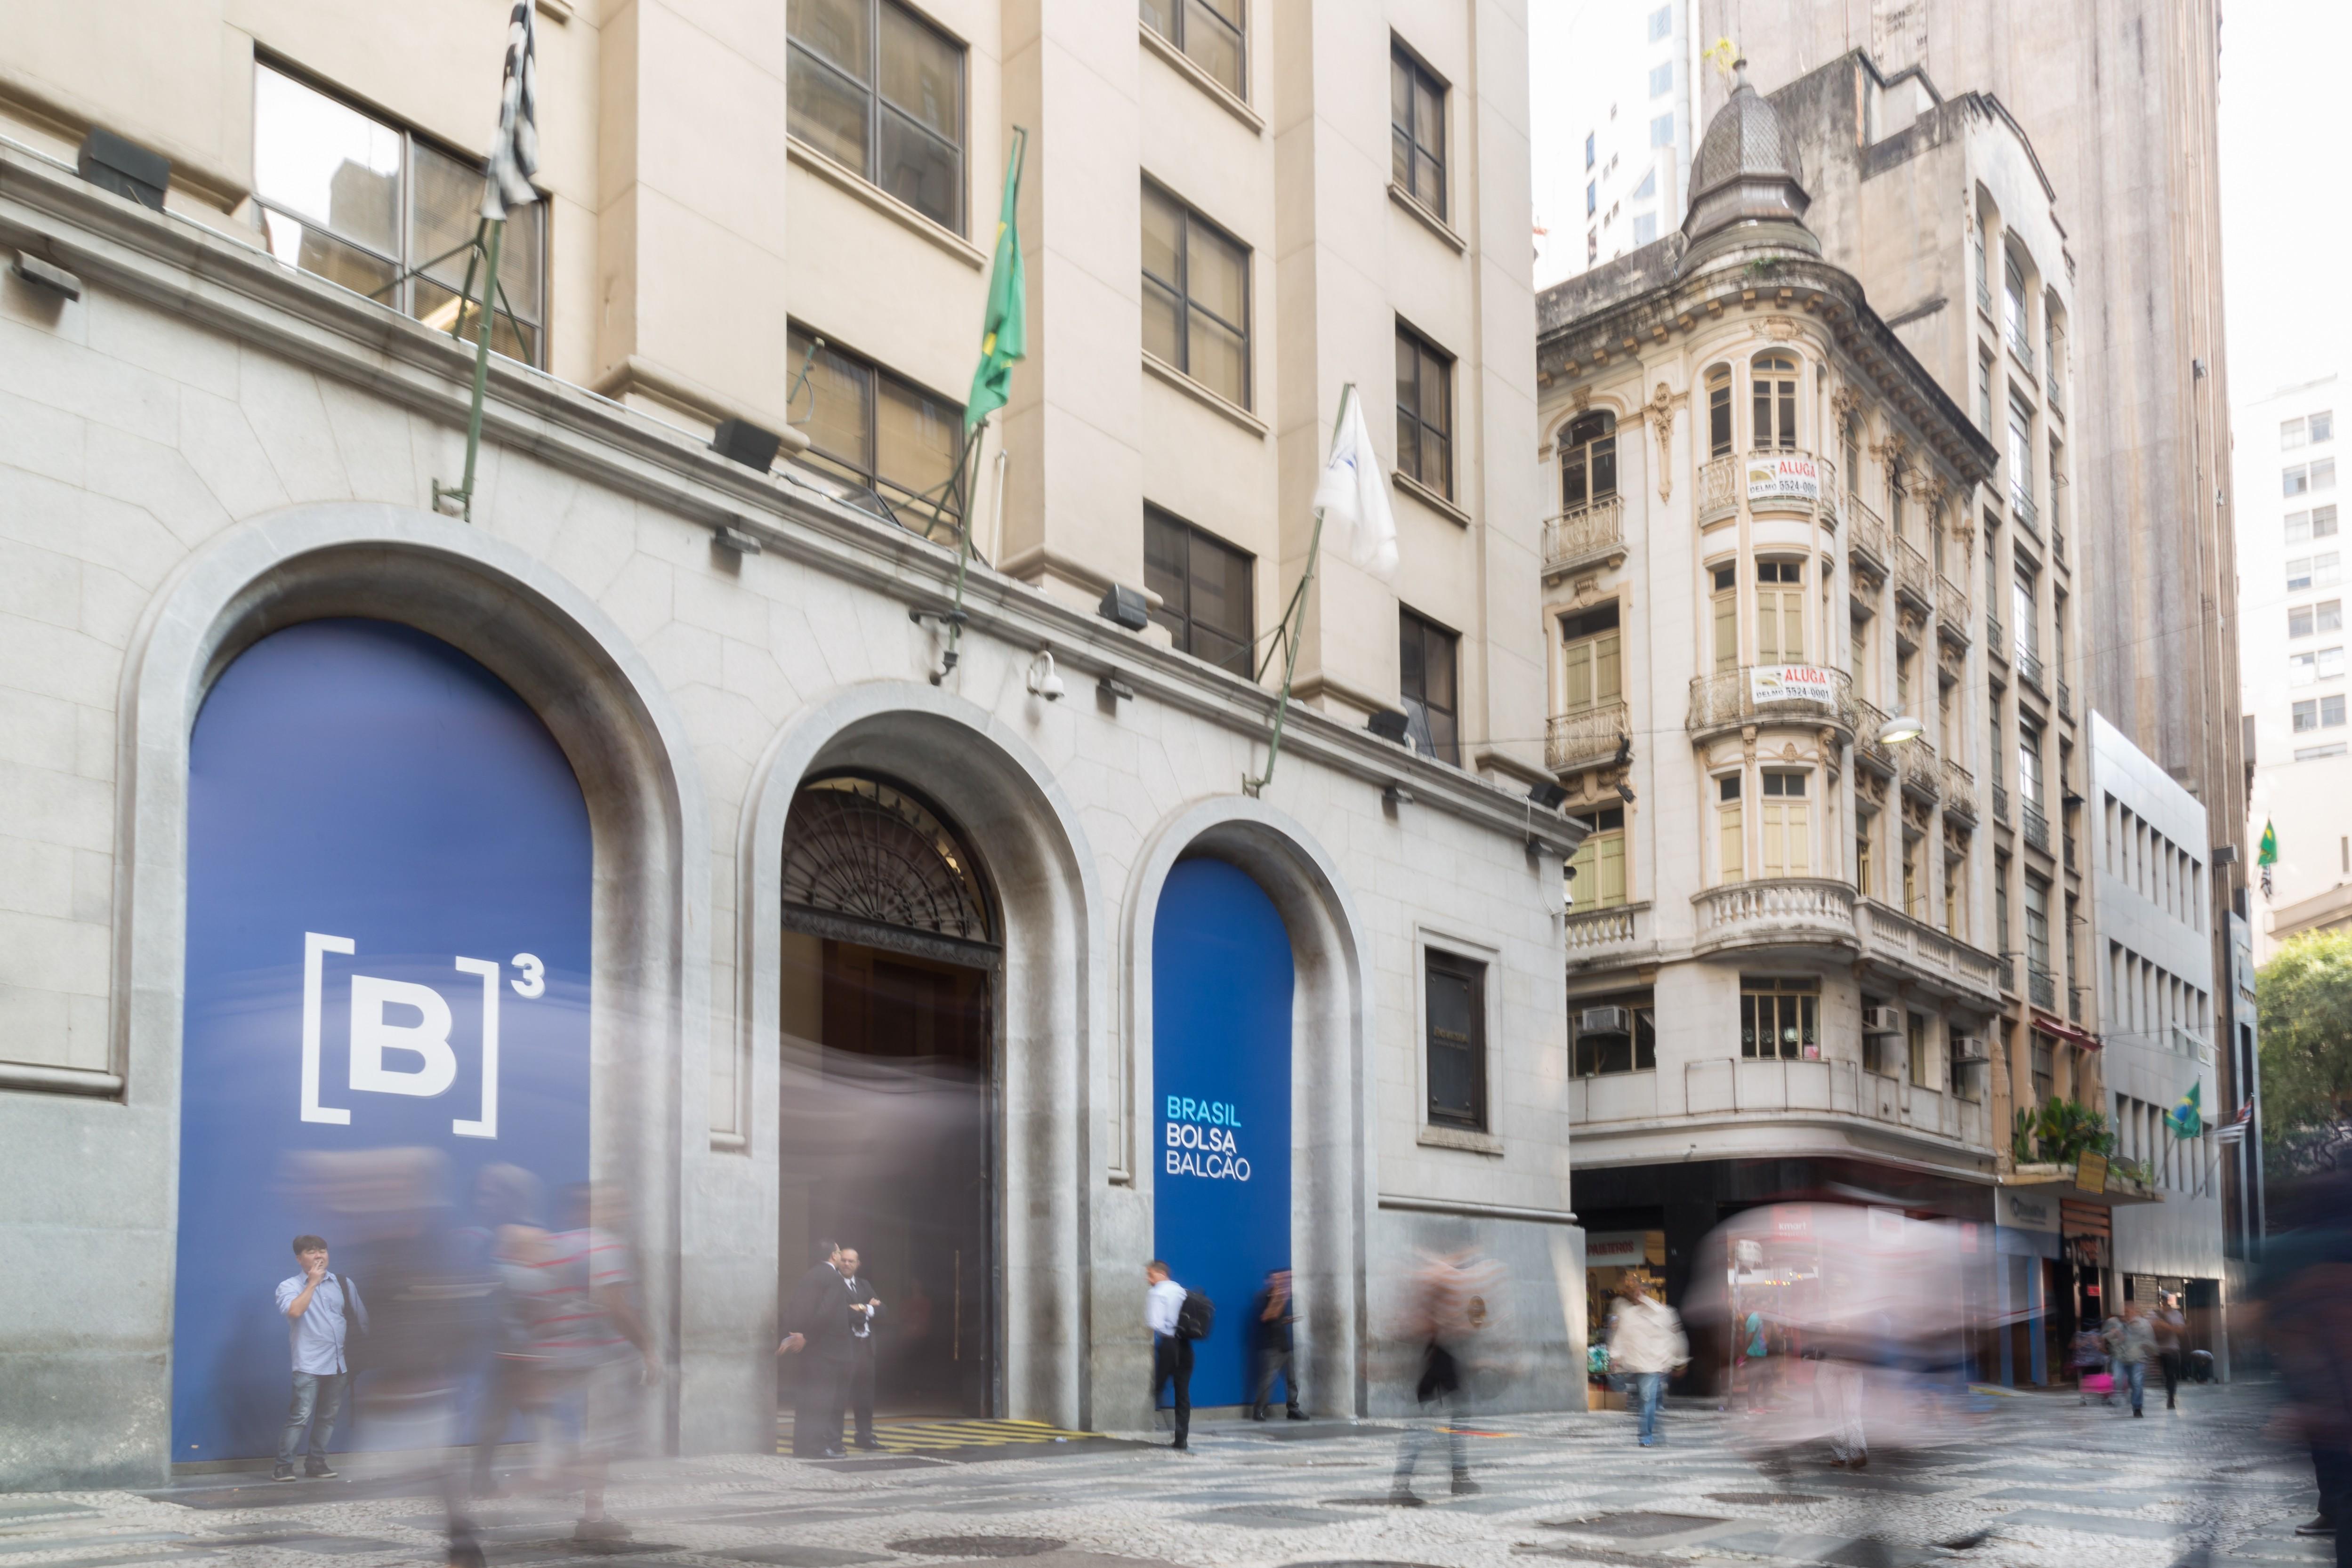 B3 obtém vitória no Carf sobre caso avaliado em R$ 3,3 bilhões  - Notícias - Plantão Diário